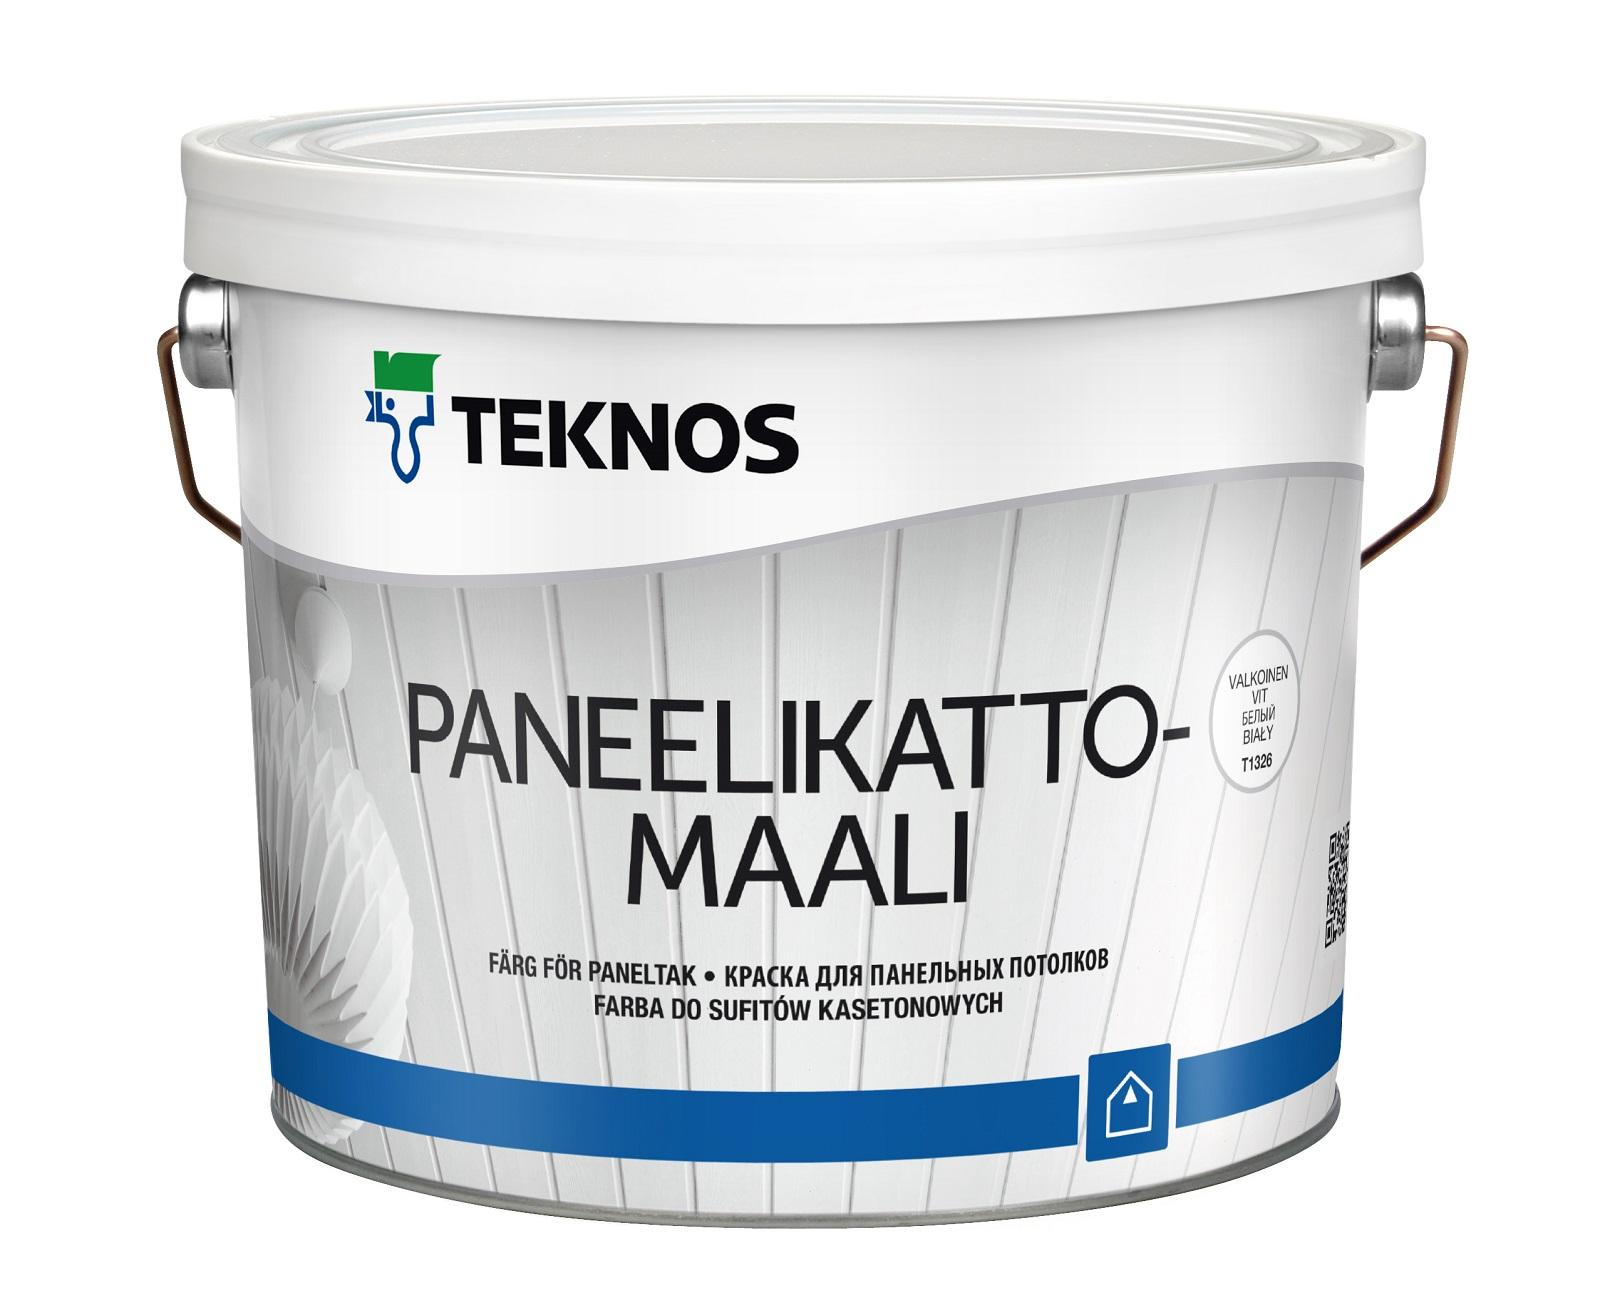 Краска Teknos PANEELIKATTOMAAL